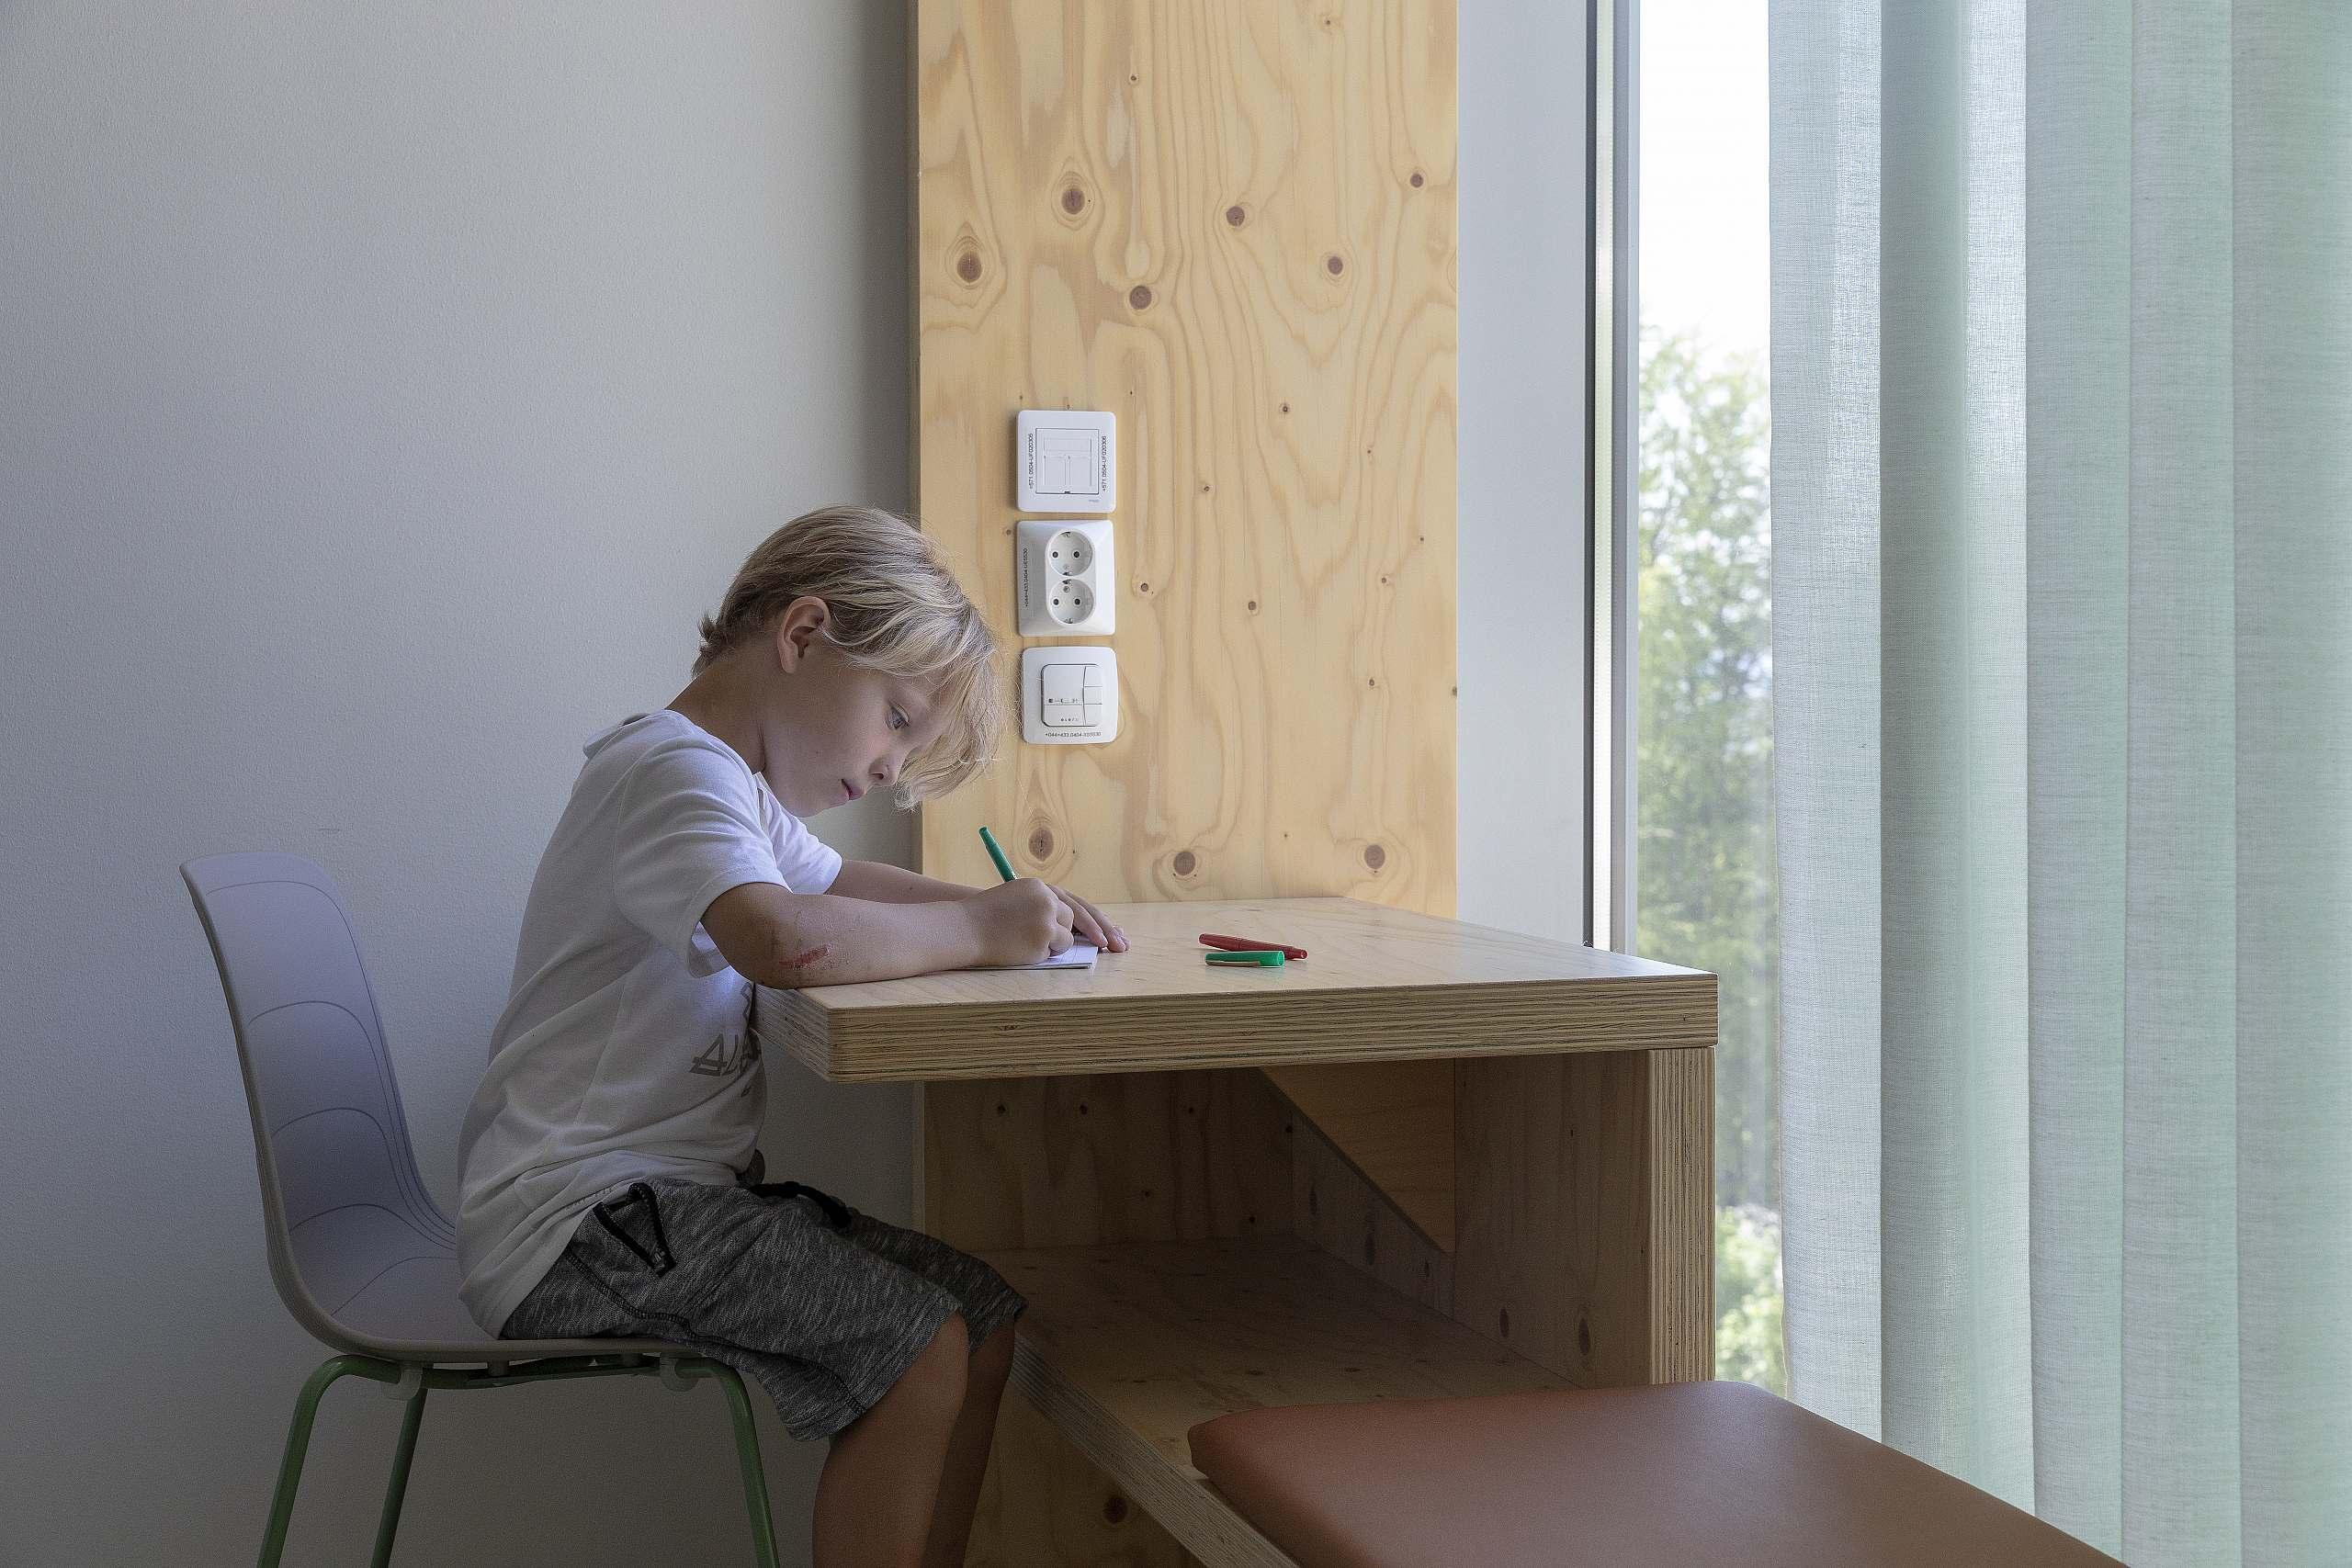 BUS Bergen Kinder- und Jugendkrankenhaus - Fenstermöbel